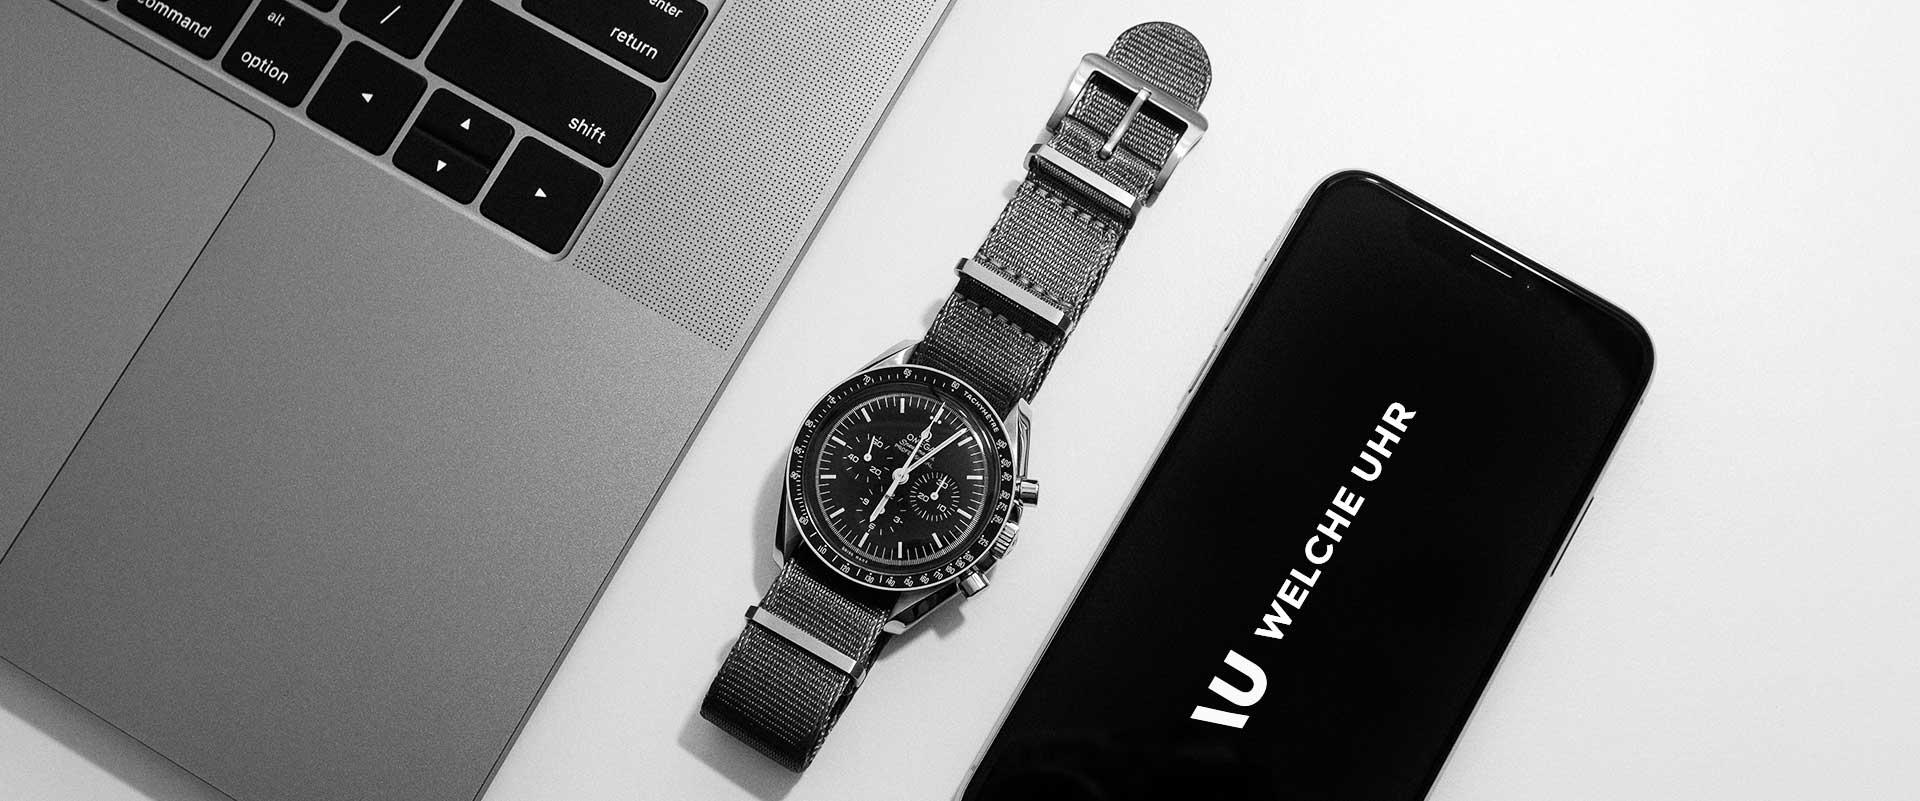 Welche Uhr